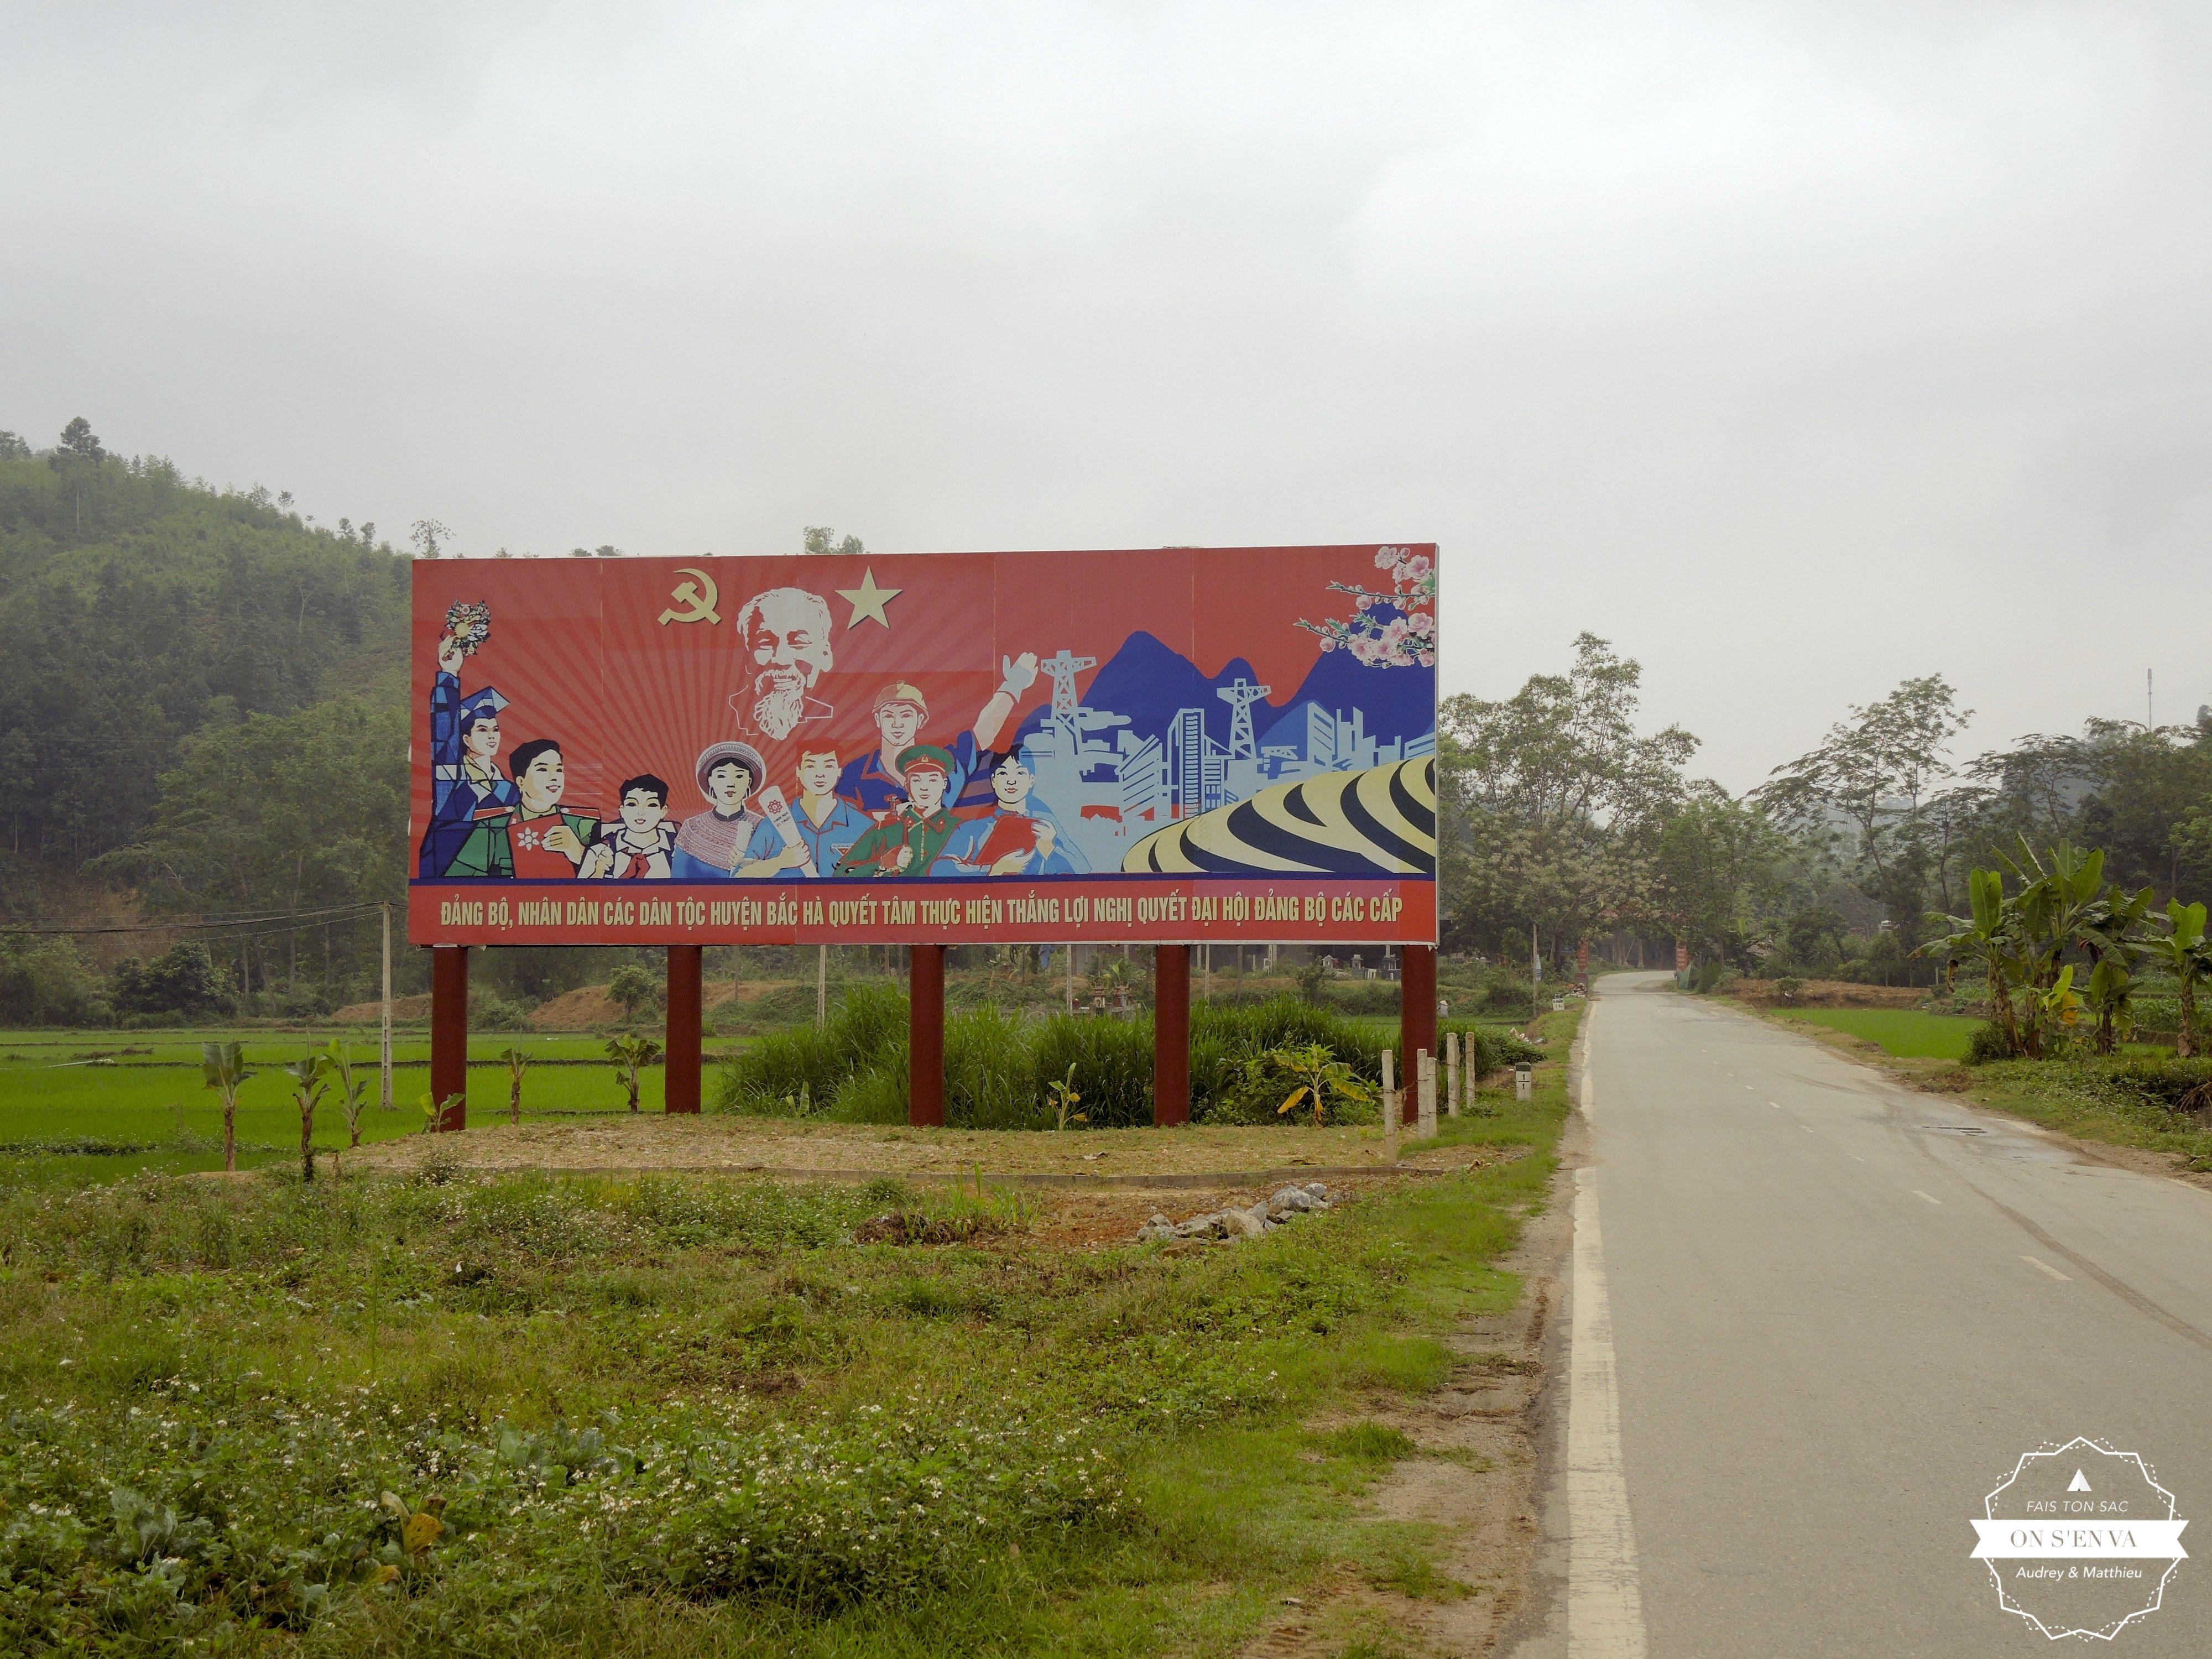 Sur la route, affiche de propagande